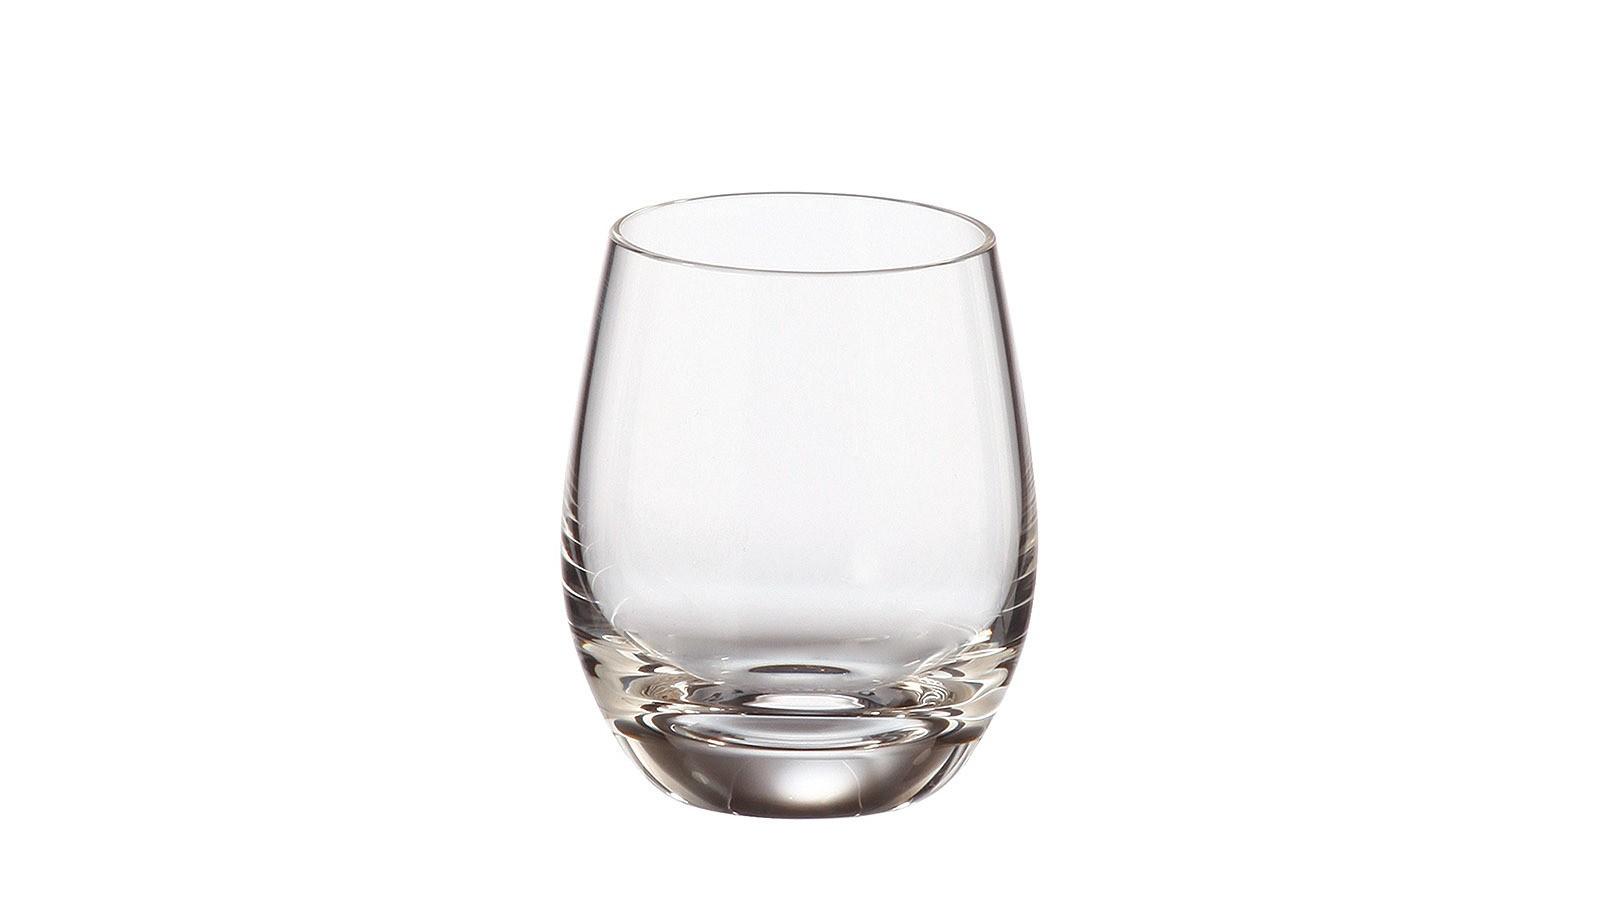 Ποτήρι Σφηνάκι Mergus Σετ 6Τμχ Κρυστάλλινο 60ml Bohemia home   ειδη σερβιρισματος   ποτήρια